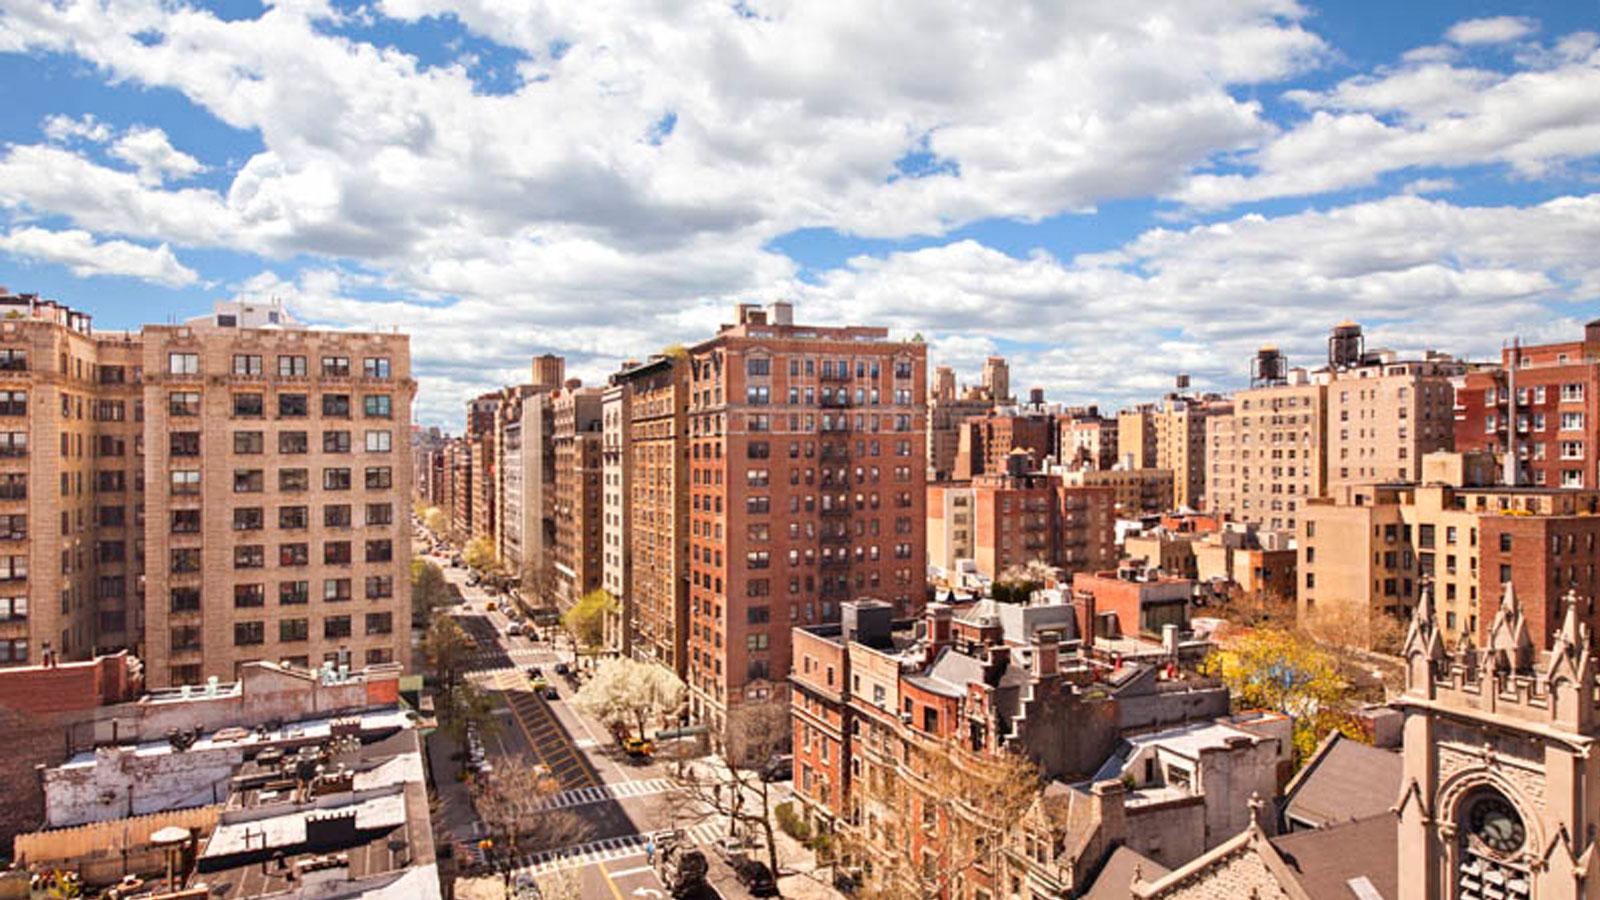 640 West End Avenue